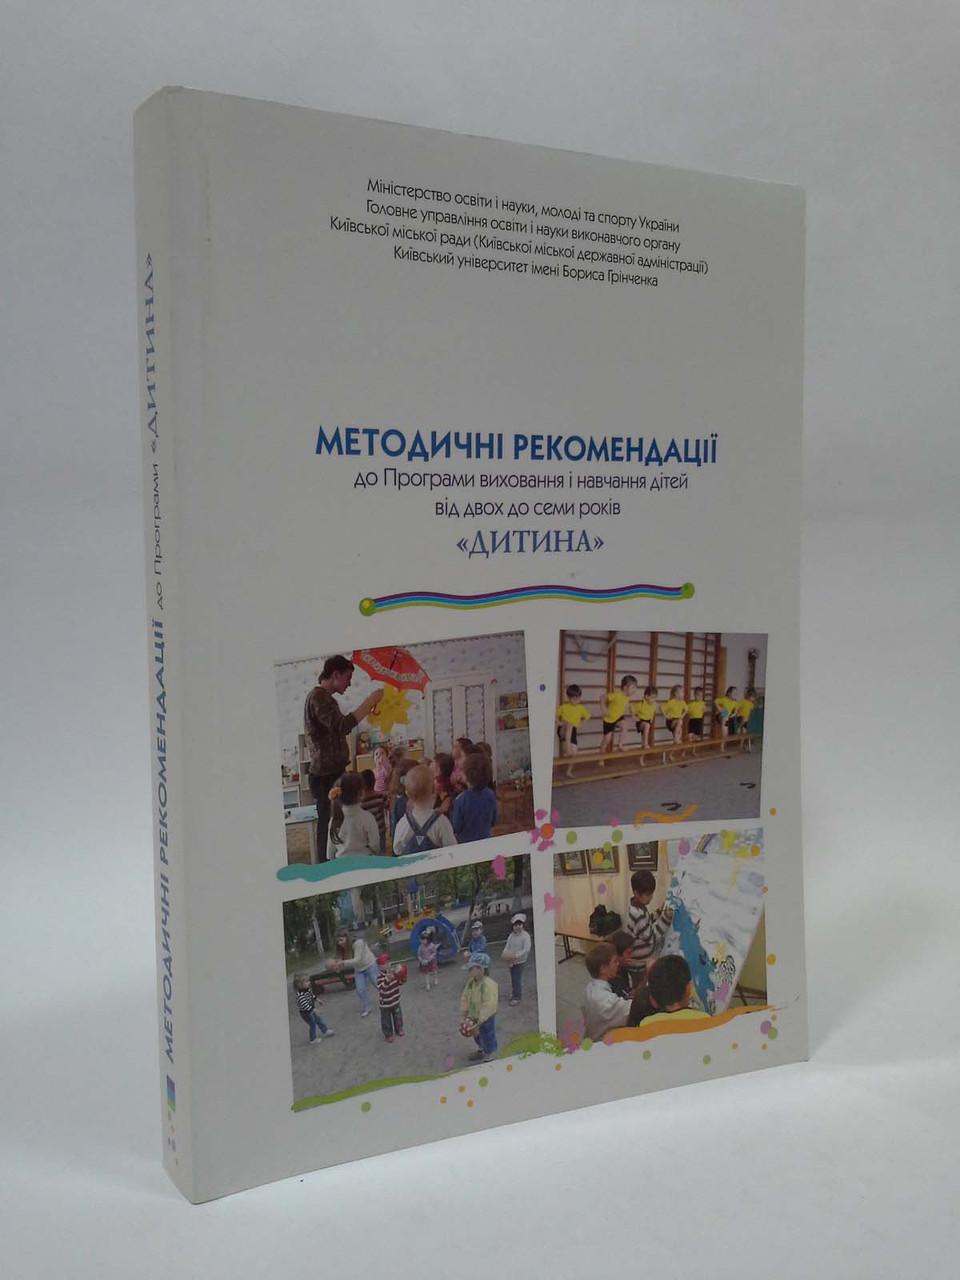 Дитина Методичні рекомендації до Програми виховання і навчання дітей від двох до семи років Бєлкіна